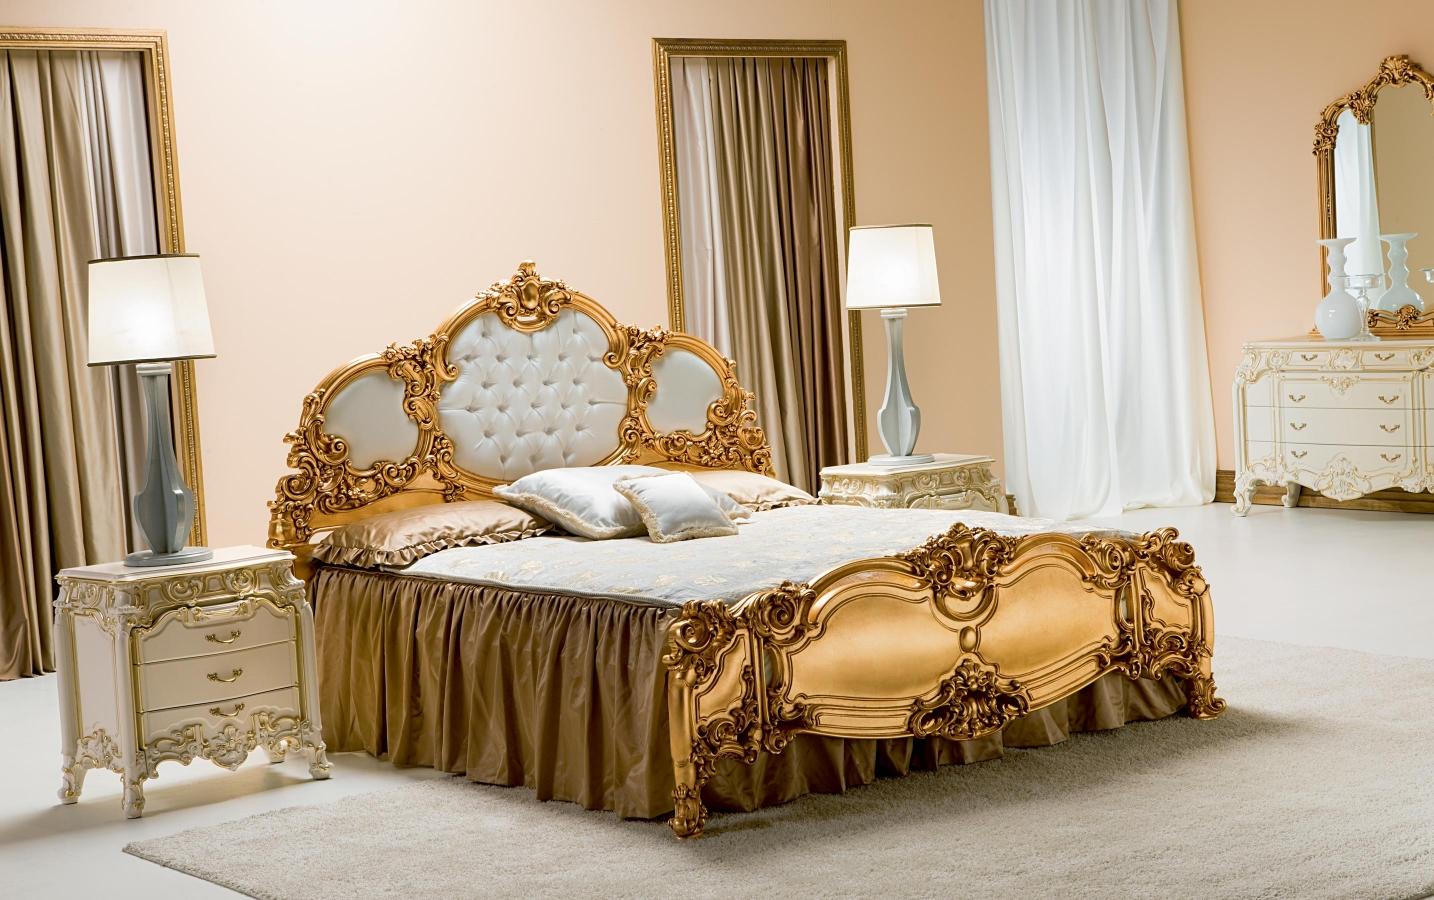 Dormitoare Baroc